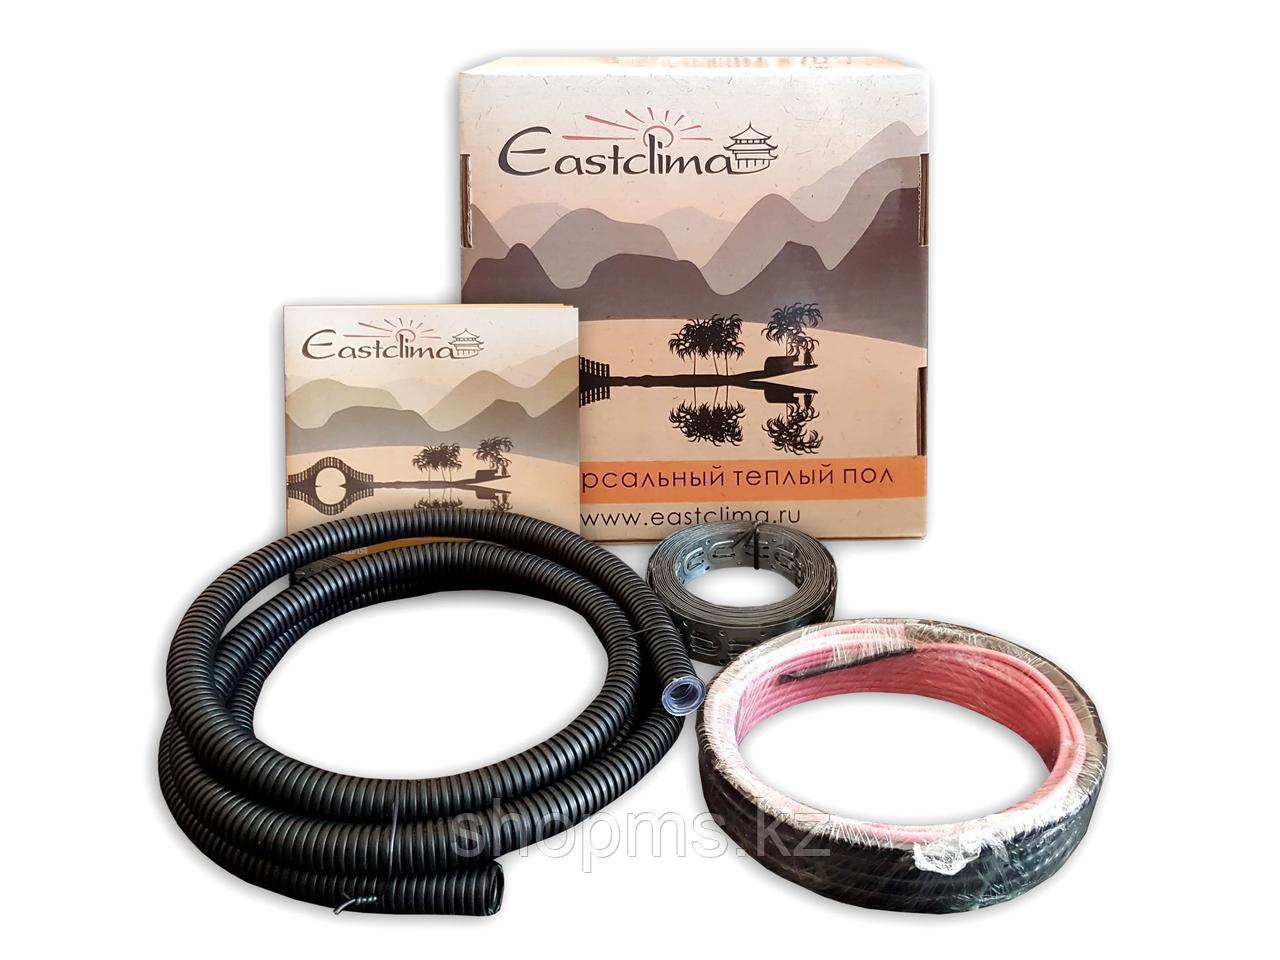 Теплый пол (нагревательный кабель) Eastclima SHC-100/7 (0.504 - 0.882)